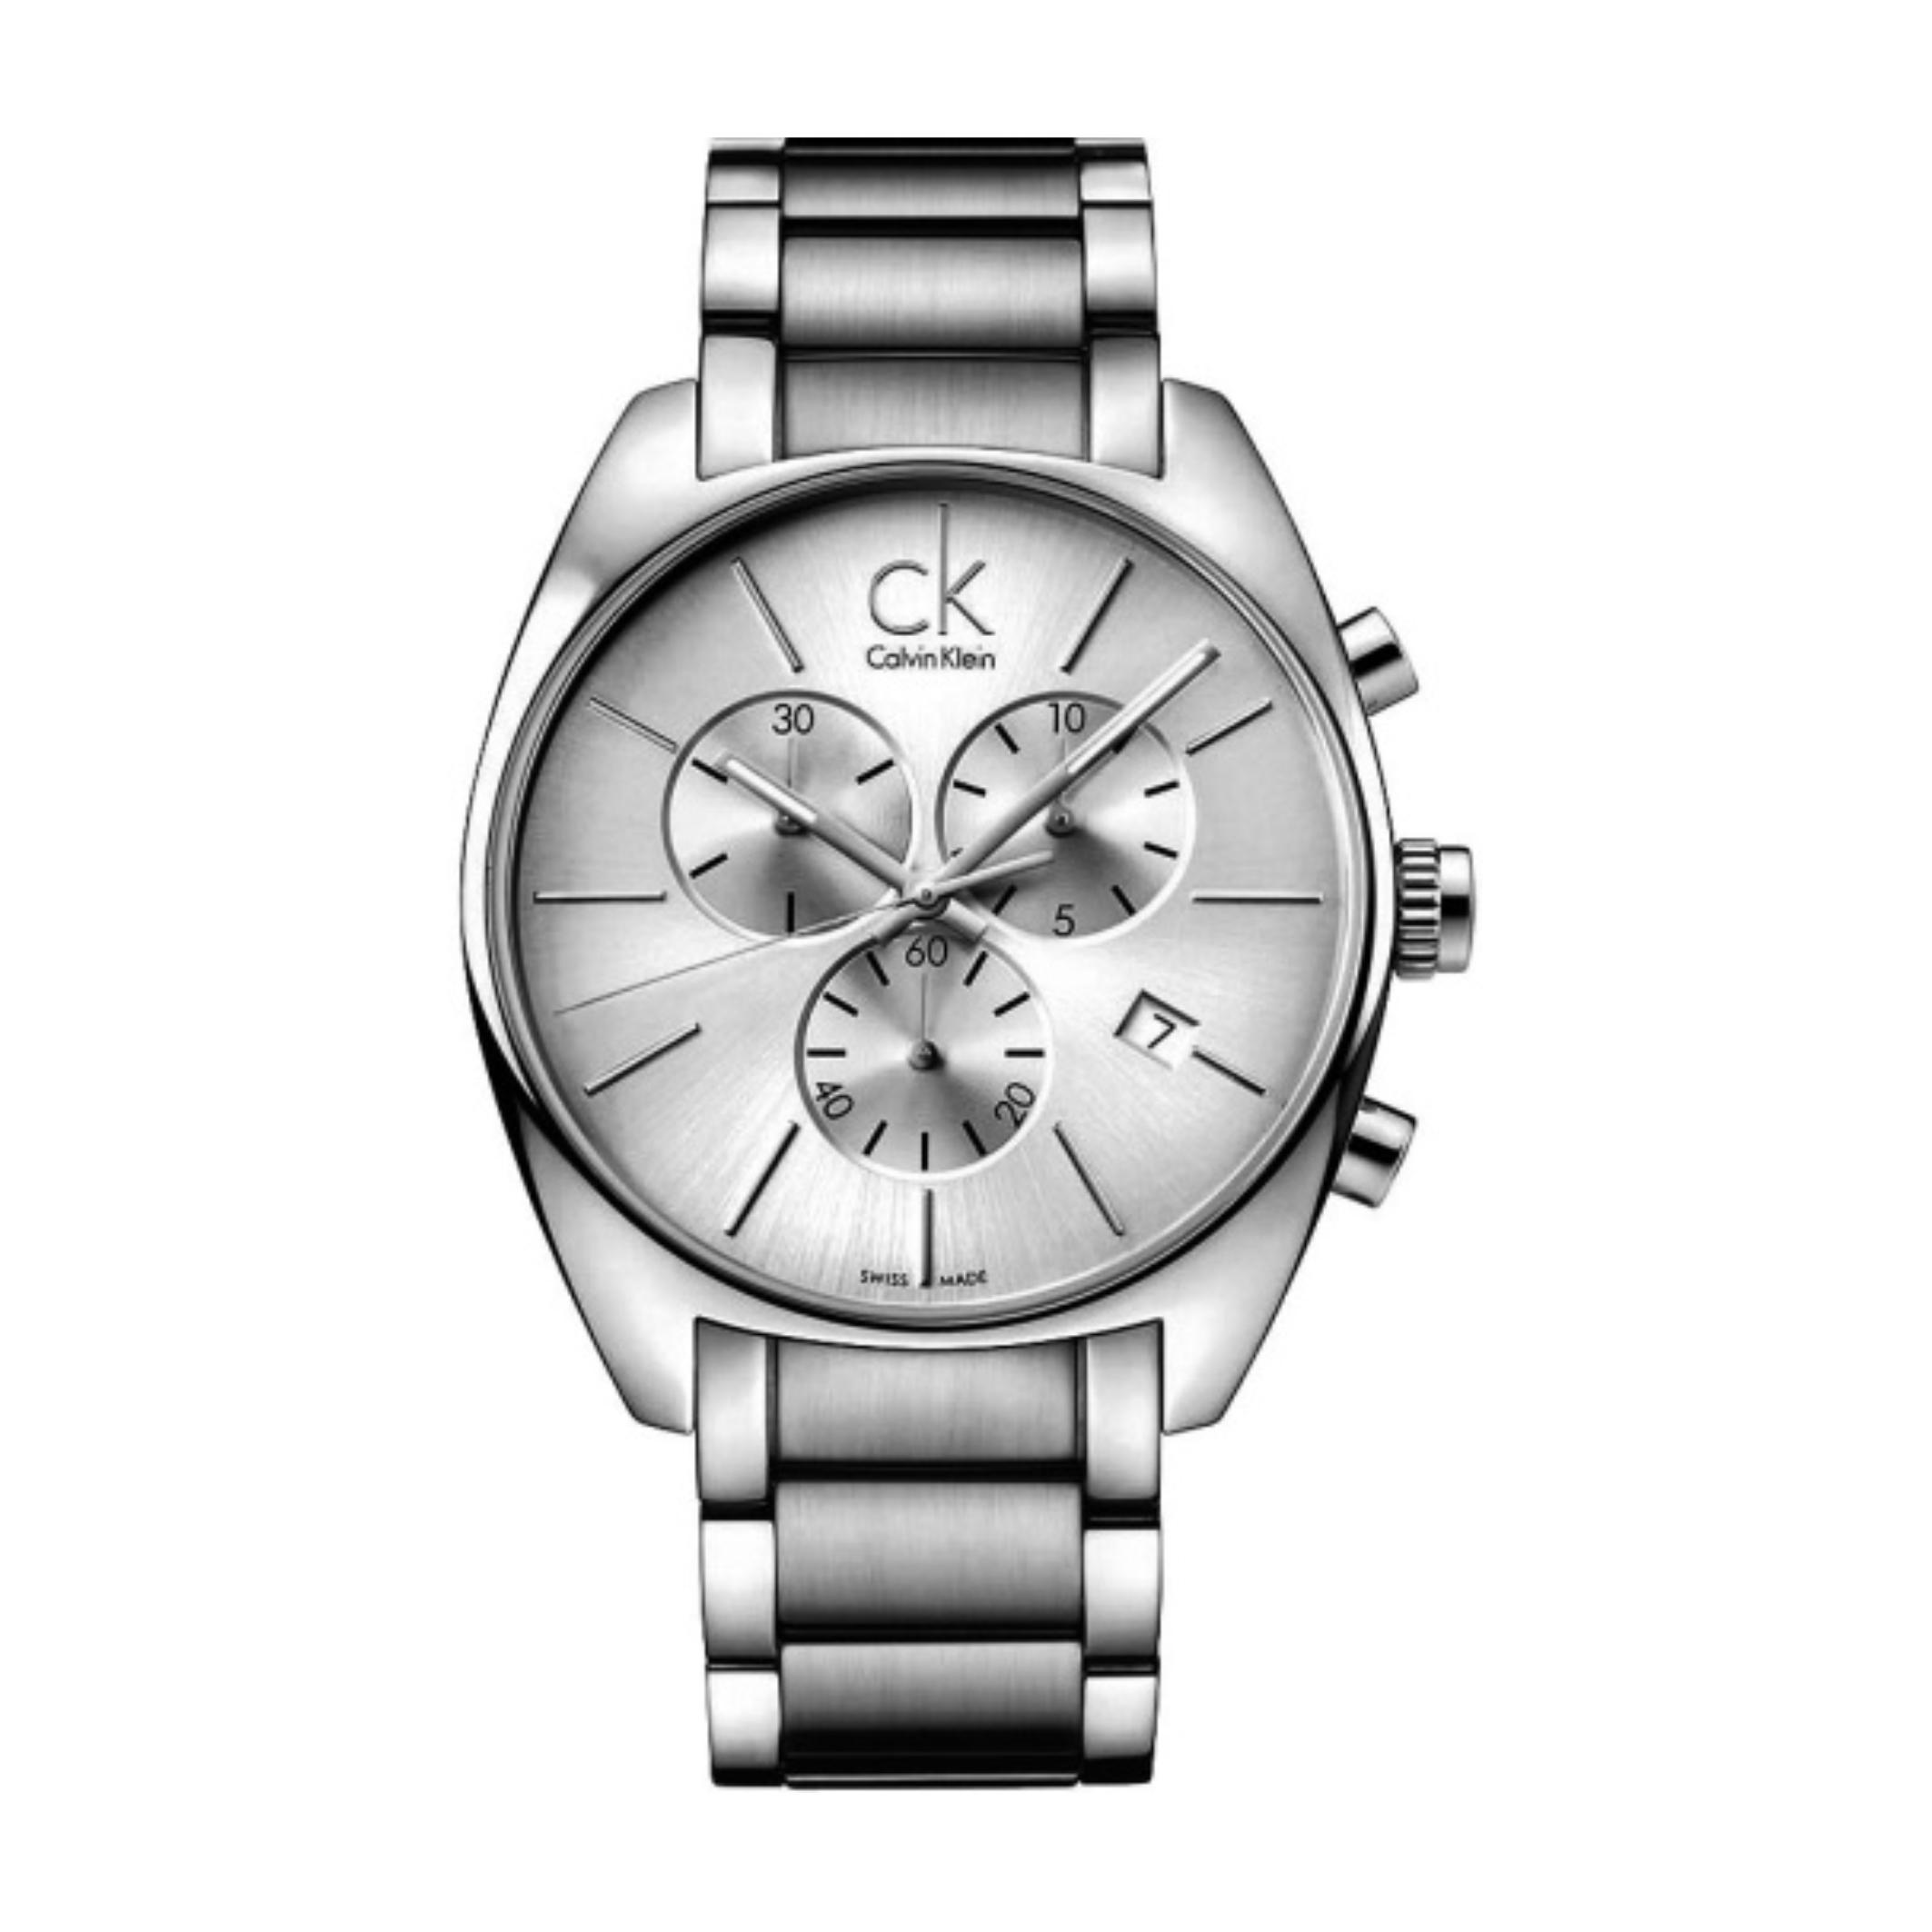 Orologi Calvin Klein K2F271 Uomo  39406